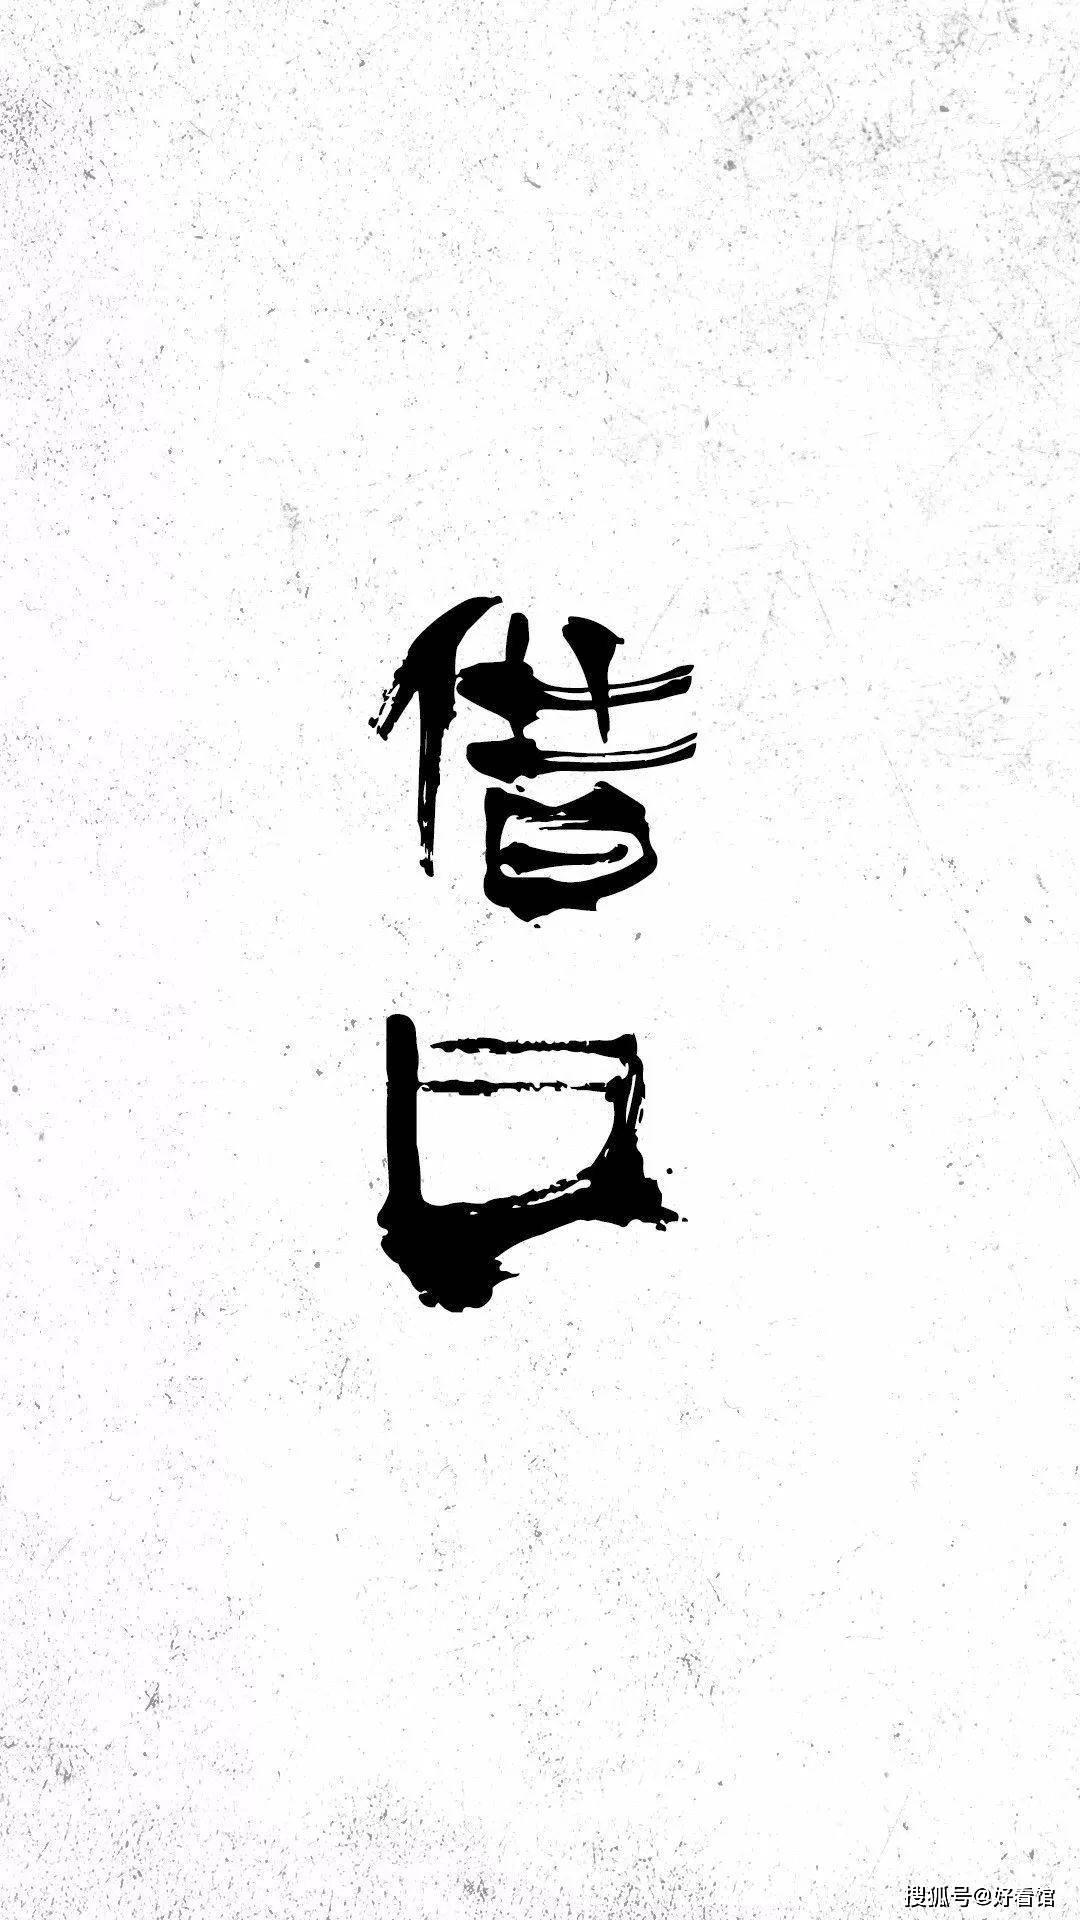 伦字个性写法 伦字的艺术签名